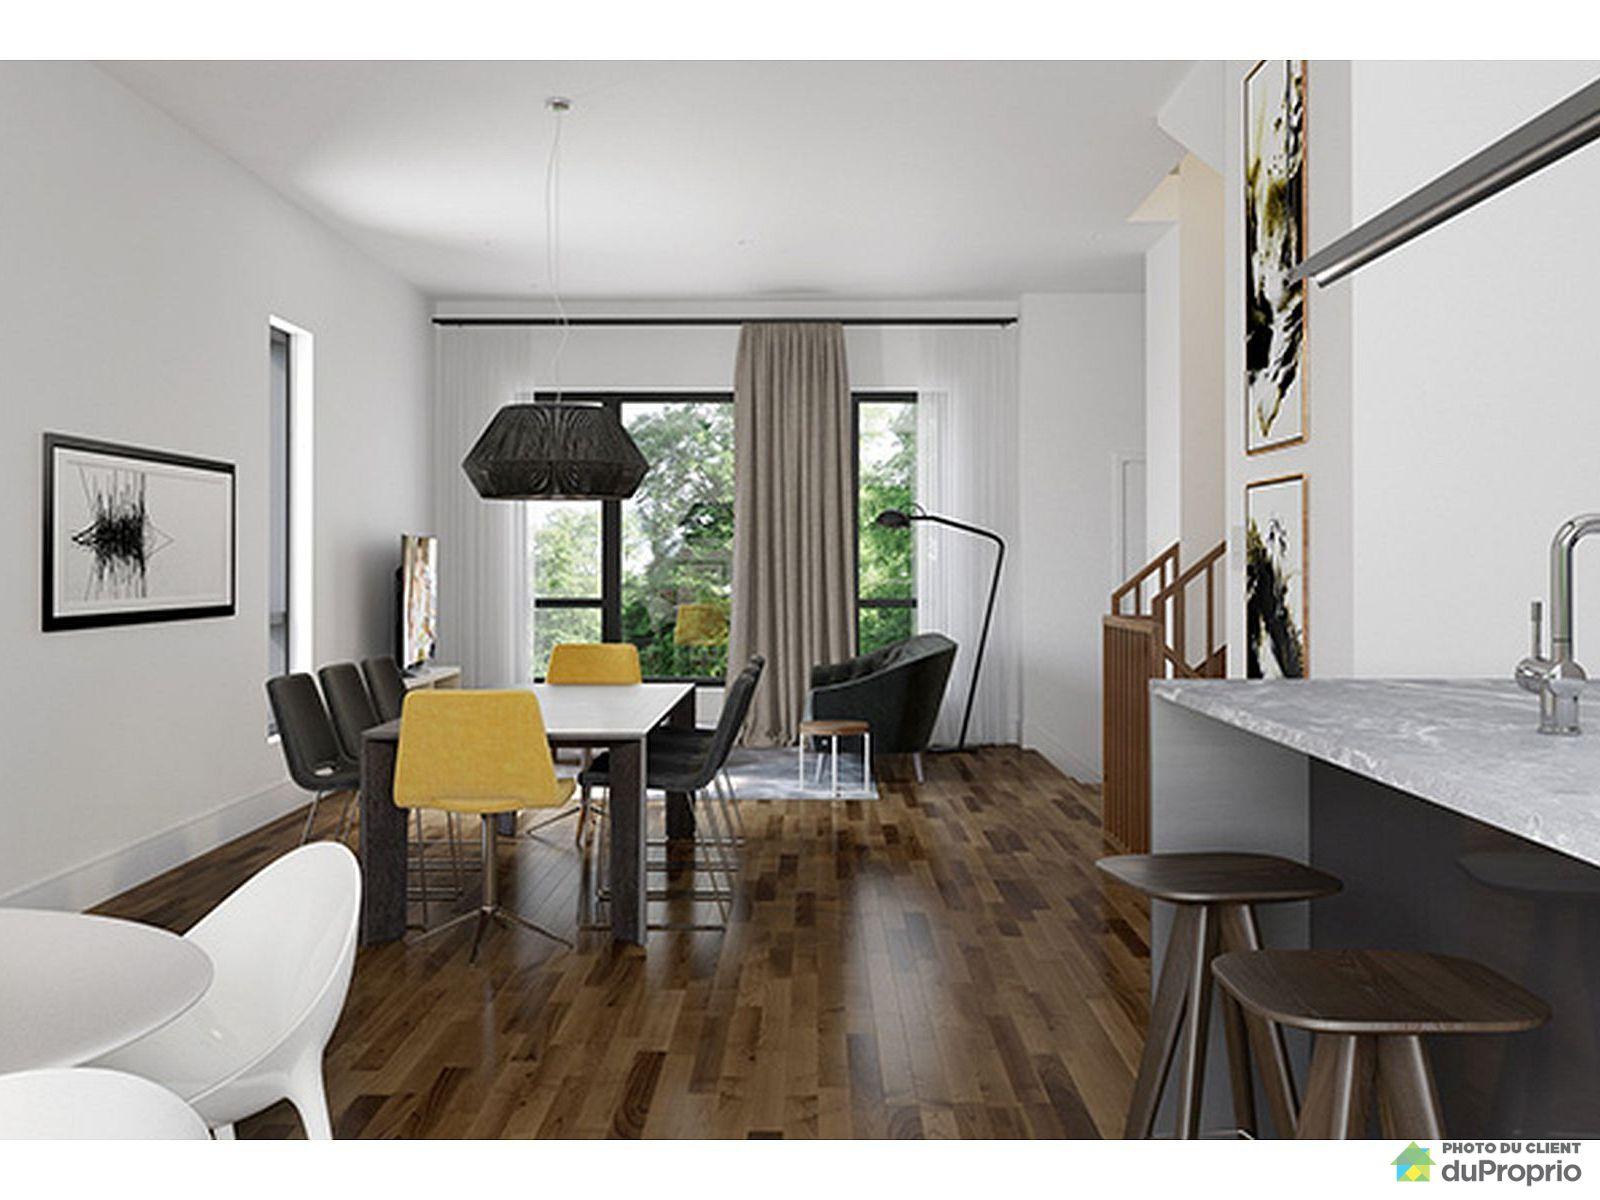 Dining Room - VIDA Lasalle -  Marbella - PAR MONDEV, LaSalle for sale